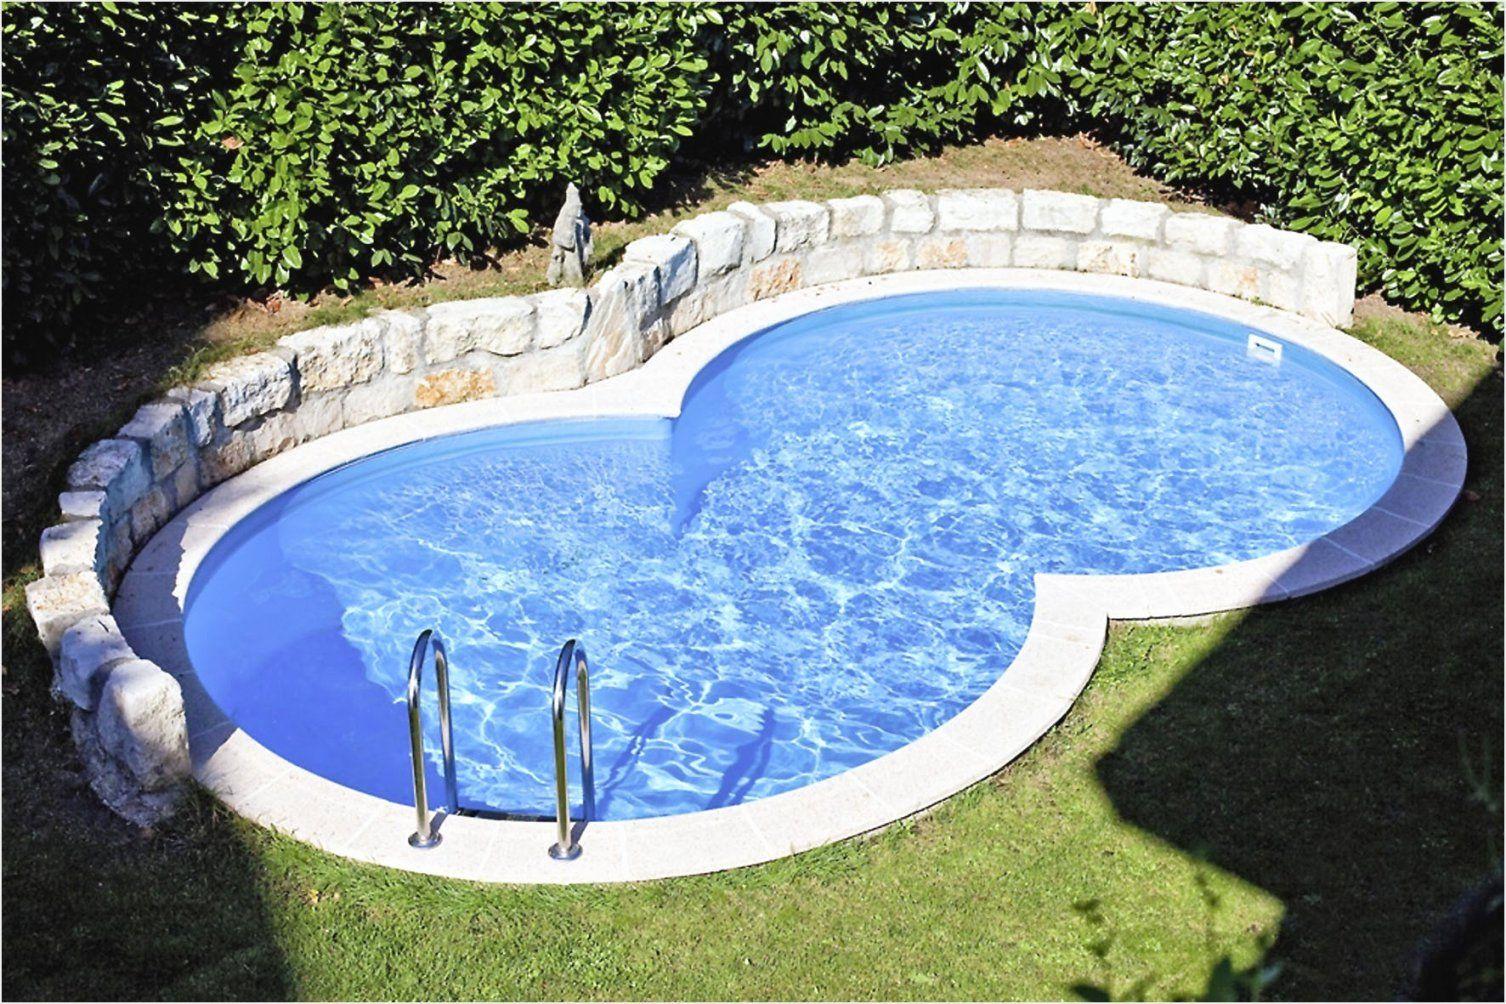 pool im garten featurefilm von pool im garten kosten photo haus design ideen. Black Bedroom Furniture Sets. Home Design Ideas